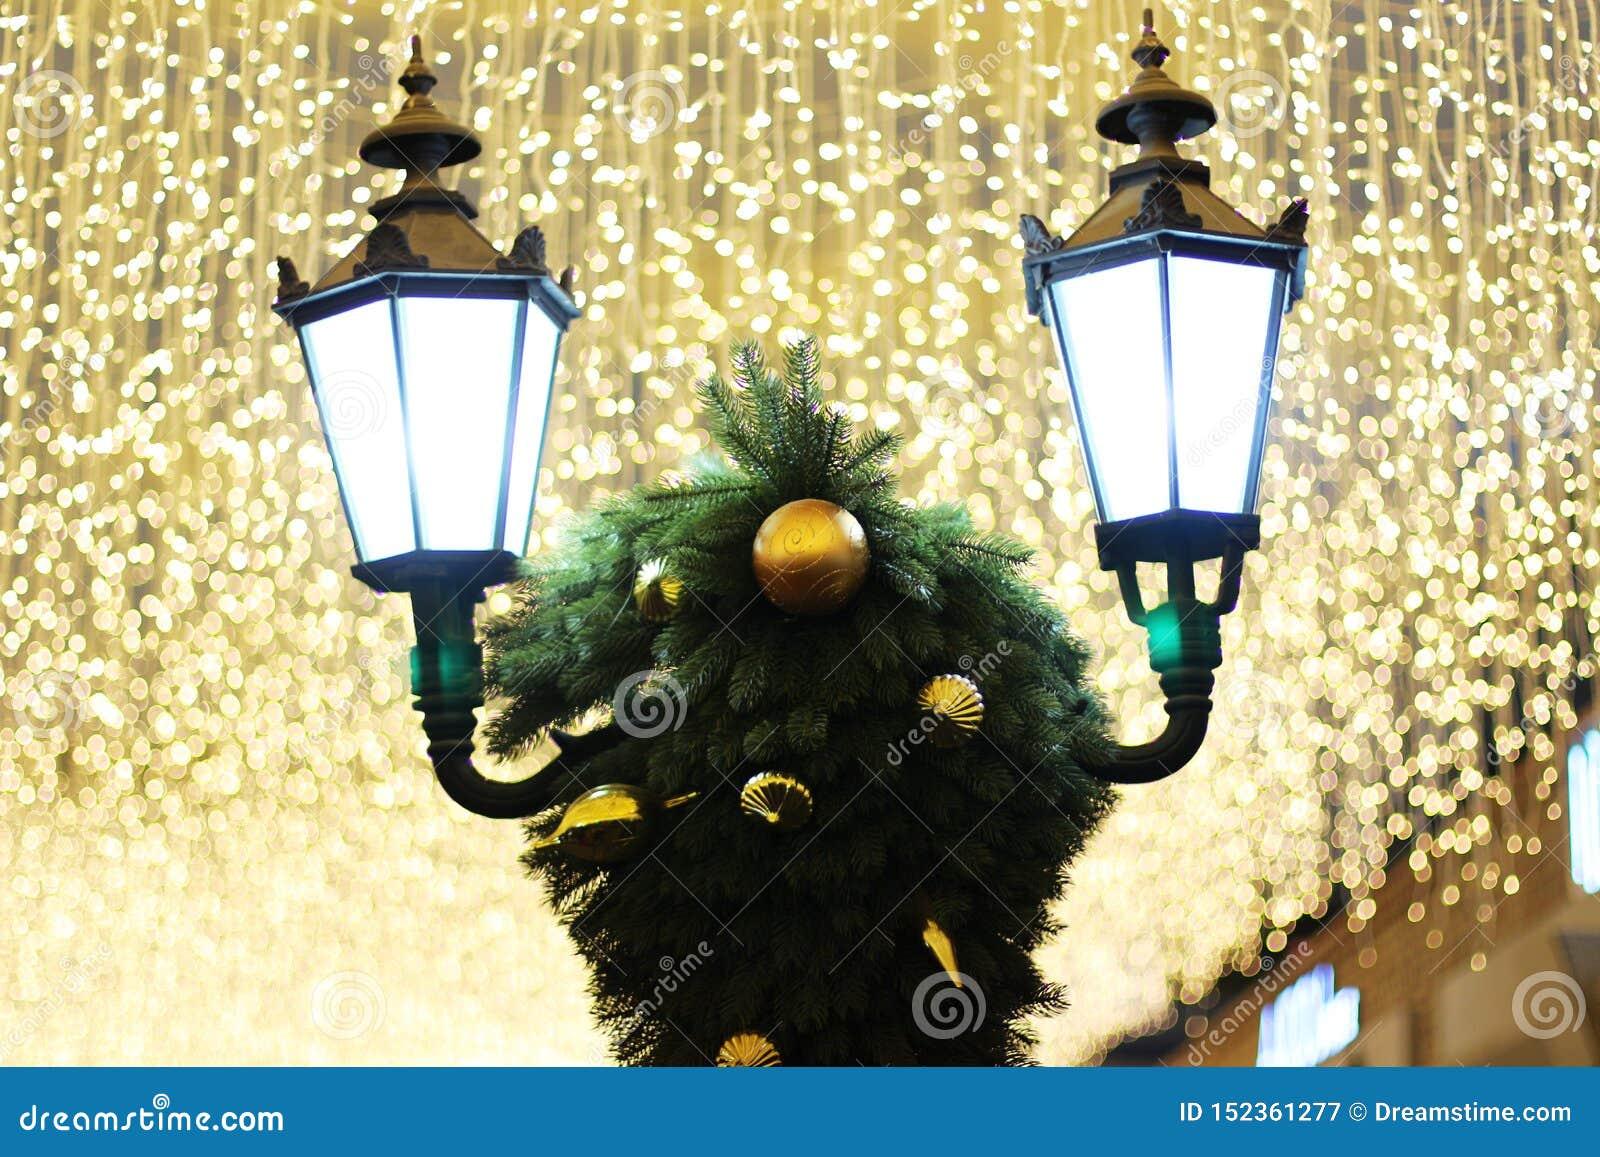 Luzes de rua e decorações do Natal sob luzes brilhantes